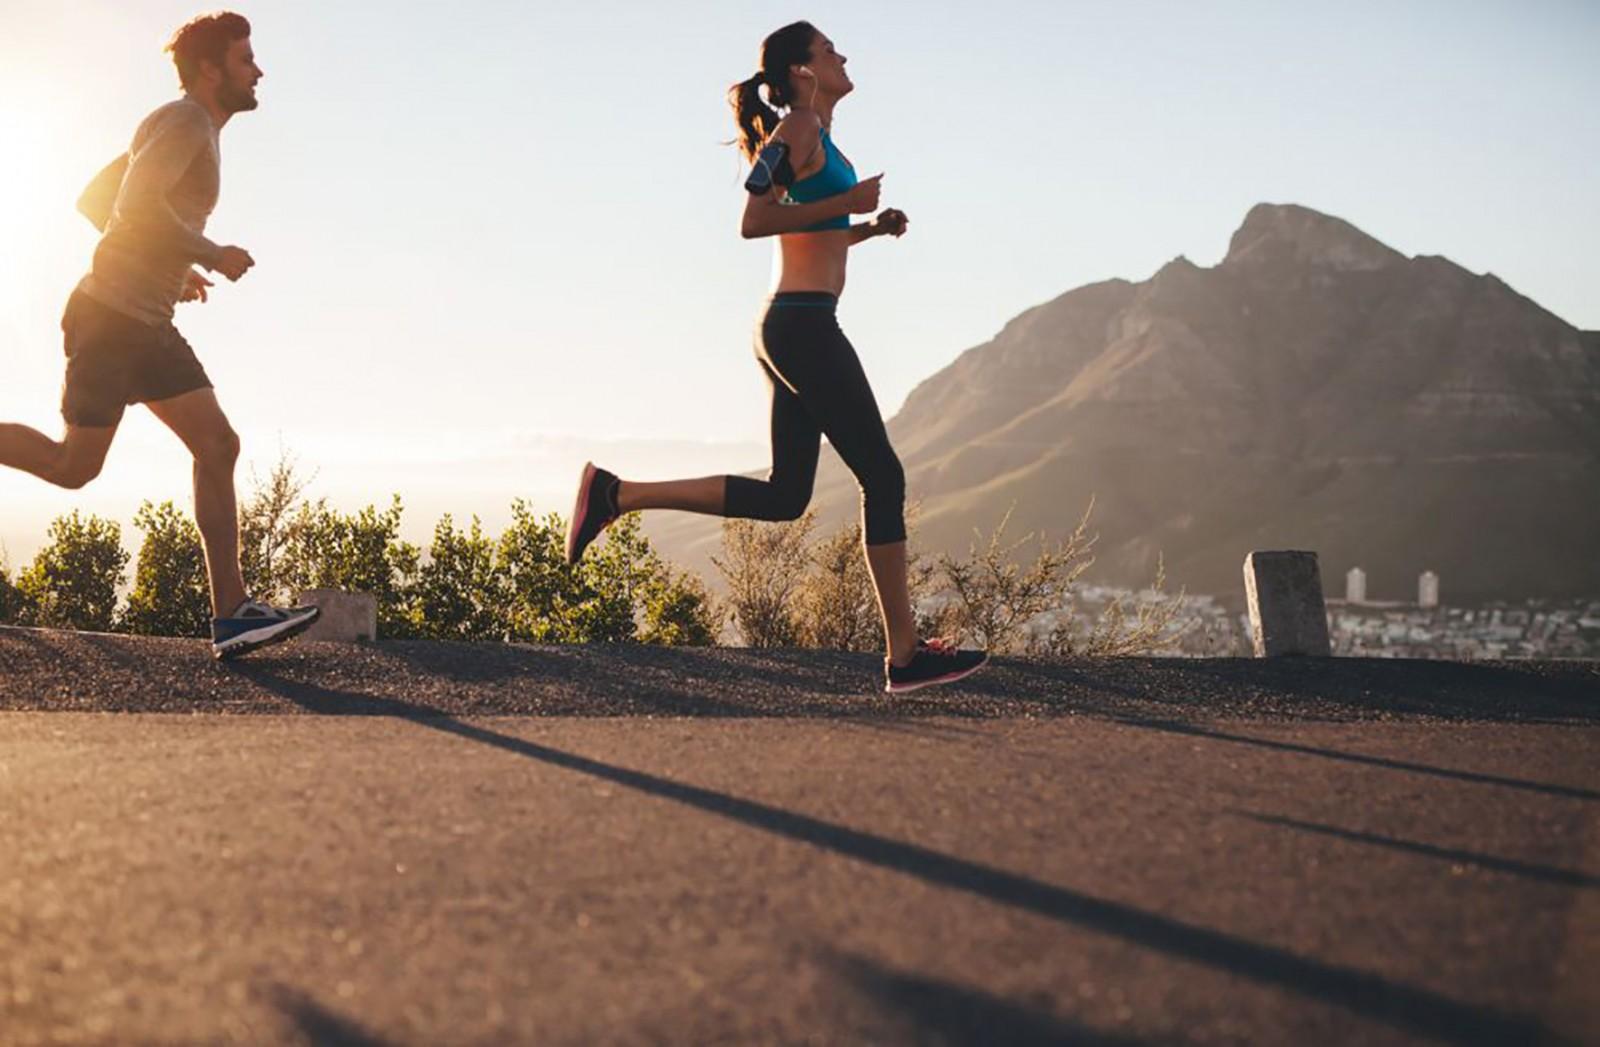 Tiếp xúc tia UVB liều lượng thấp giúp cải thiện môi trường vi khuẩn đường ruột. Ảnh: runningmagazine.ca